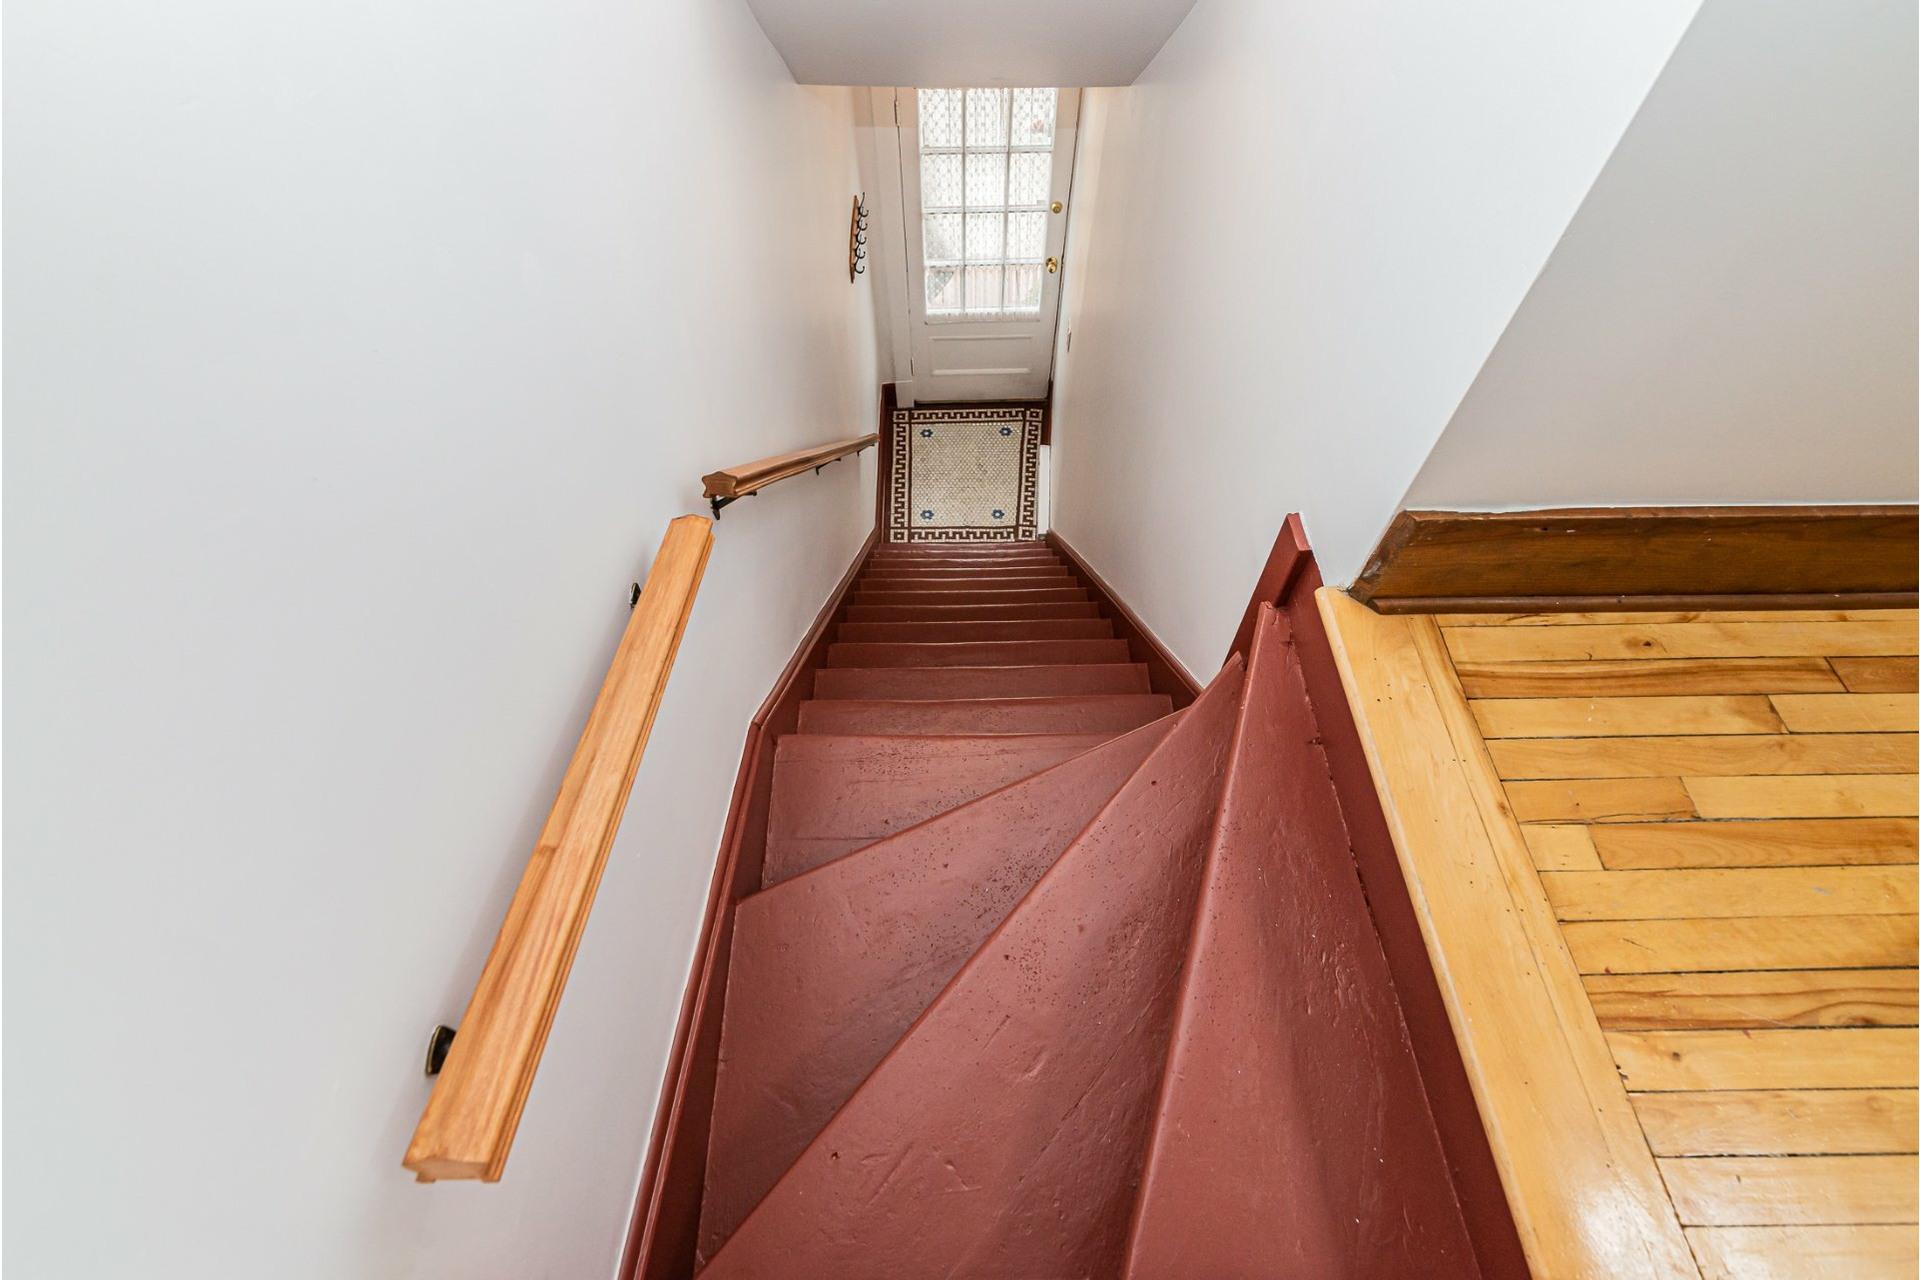 image 28 - Duplex À vendre Côte-des-Neiges/Notre-Dame-de-Grâce Montréal  - 5 pièces